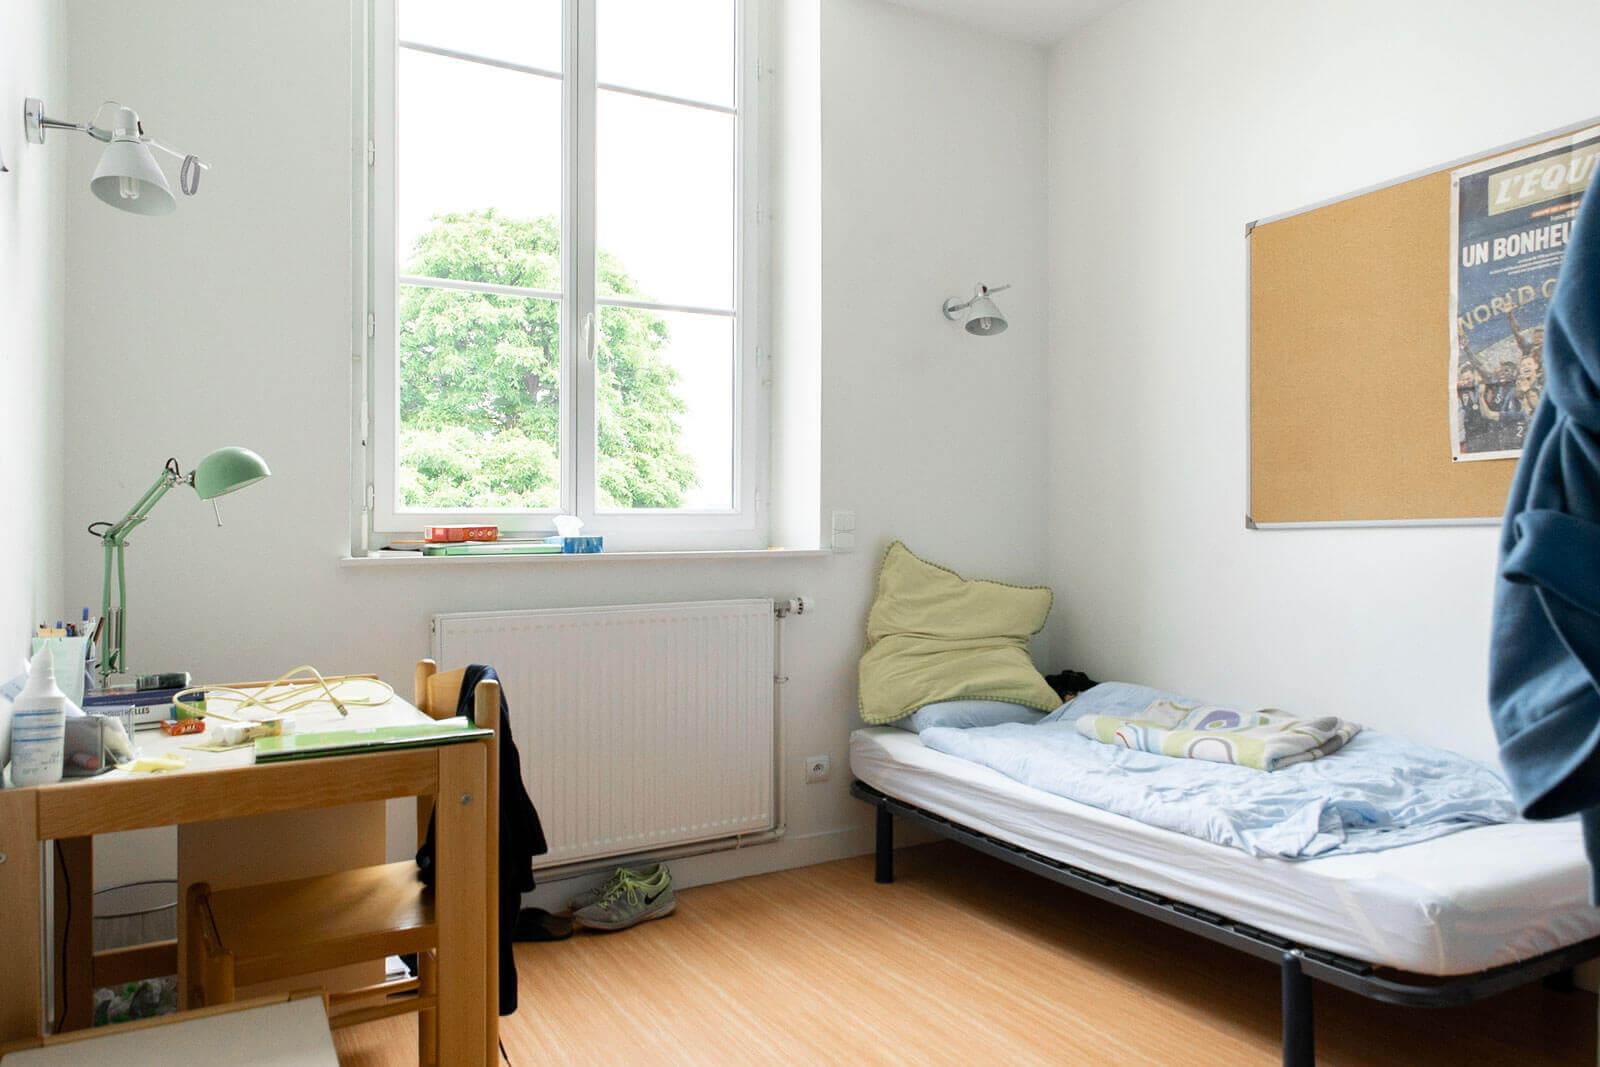 Exemple de chambre - Lit, chevet, tableau en liège.... - Foyer Les Enfants des Arts